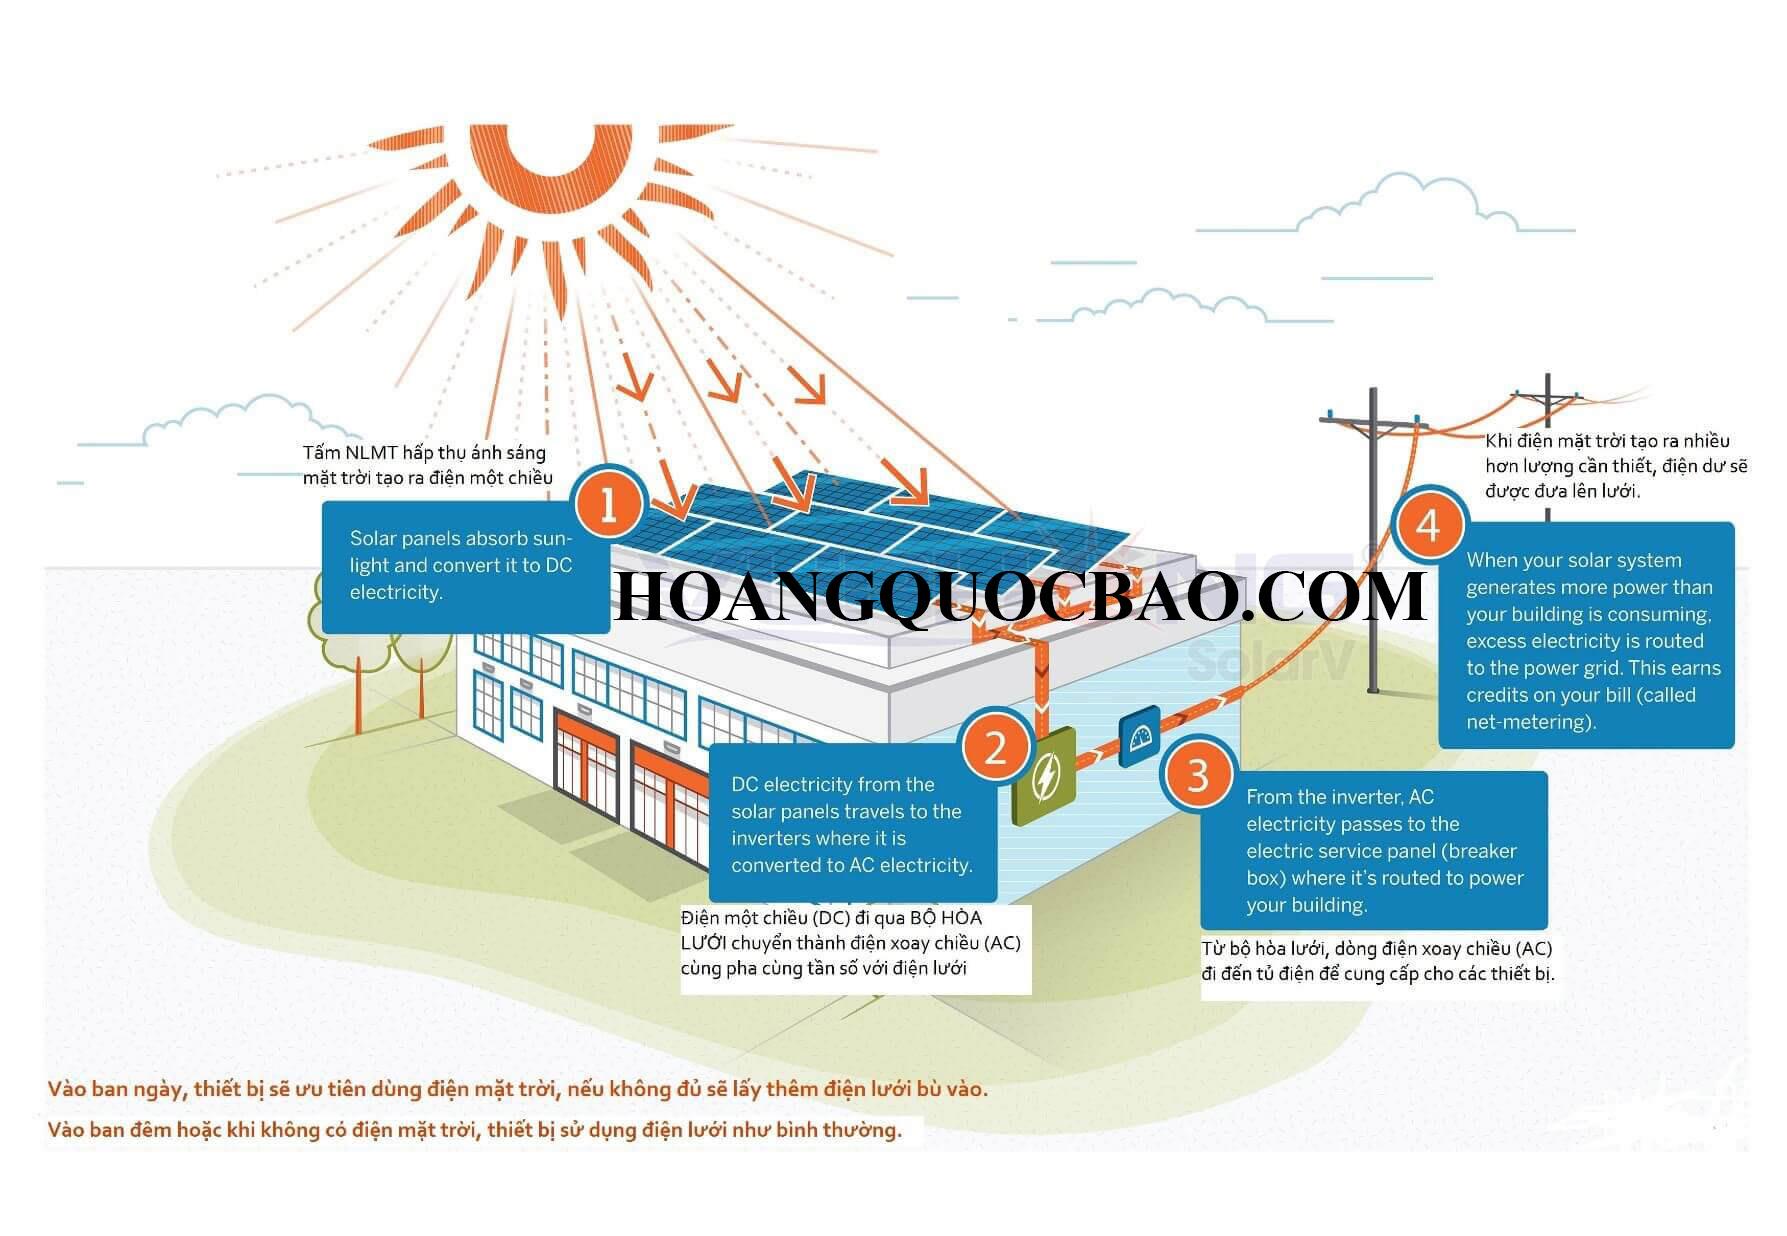 Lắp đặt hệ thống điện hoà lưới năng lượng mặt trời giá rẻ, độ bền 25 năm